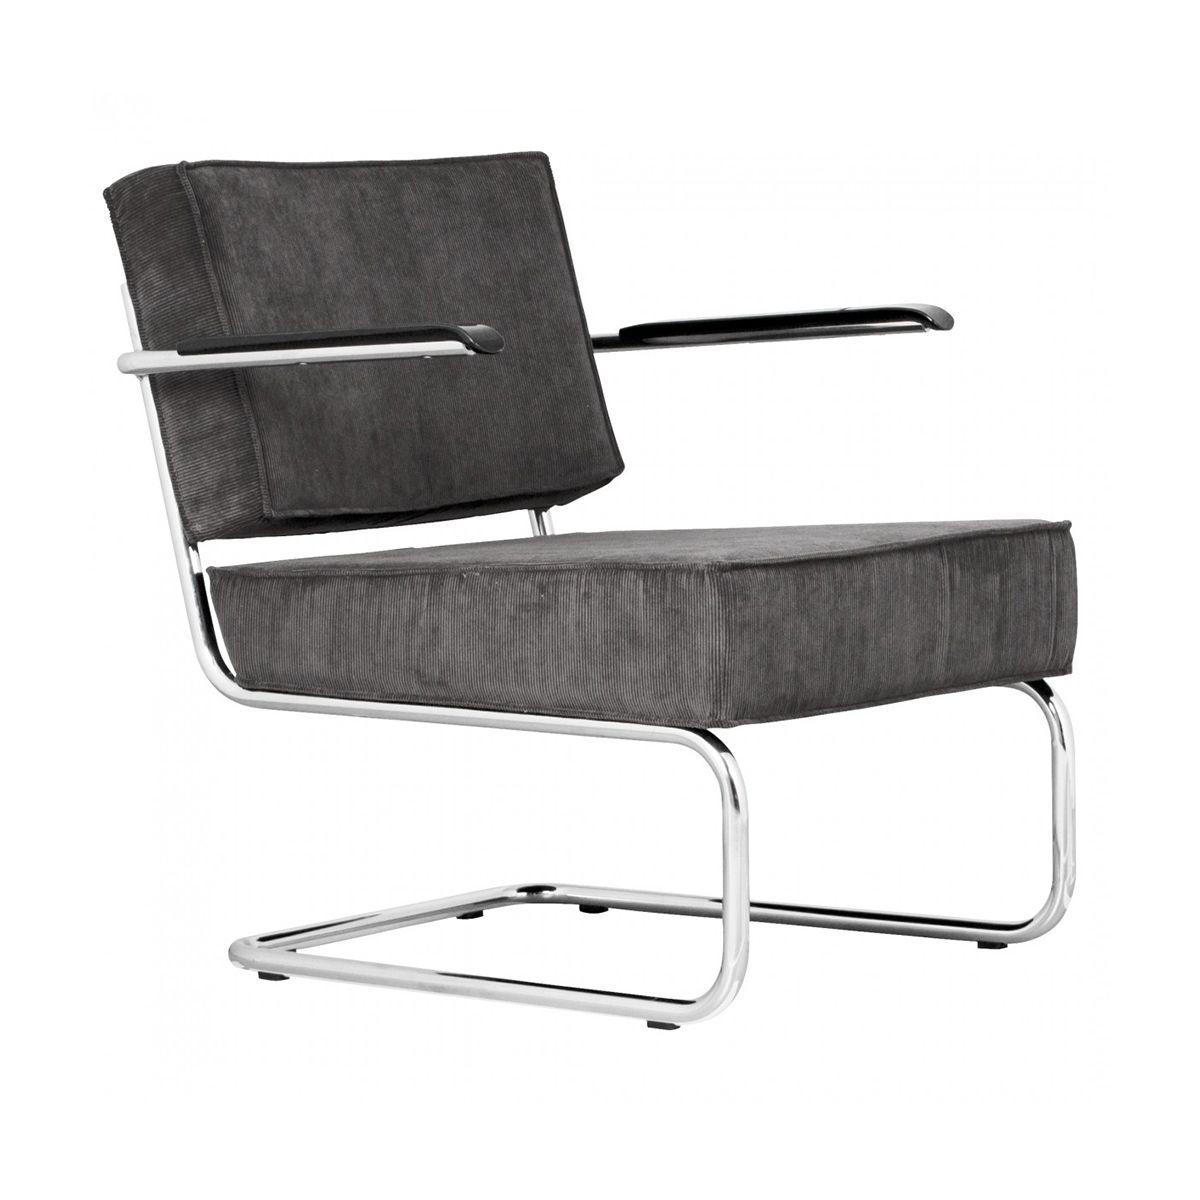 Ridge Lounge Rib Armchair Zuiver Woo Design Armchair Chair Patio Chair Cushions